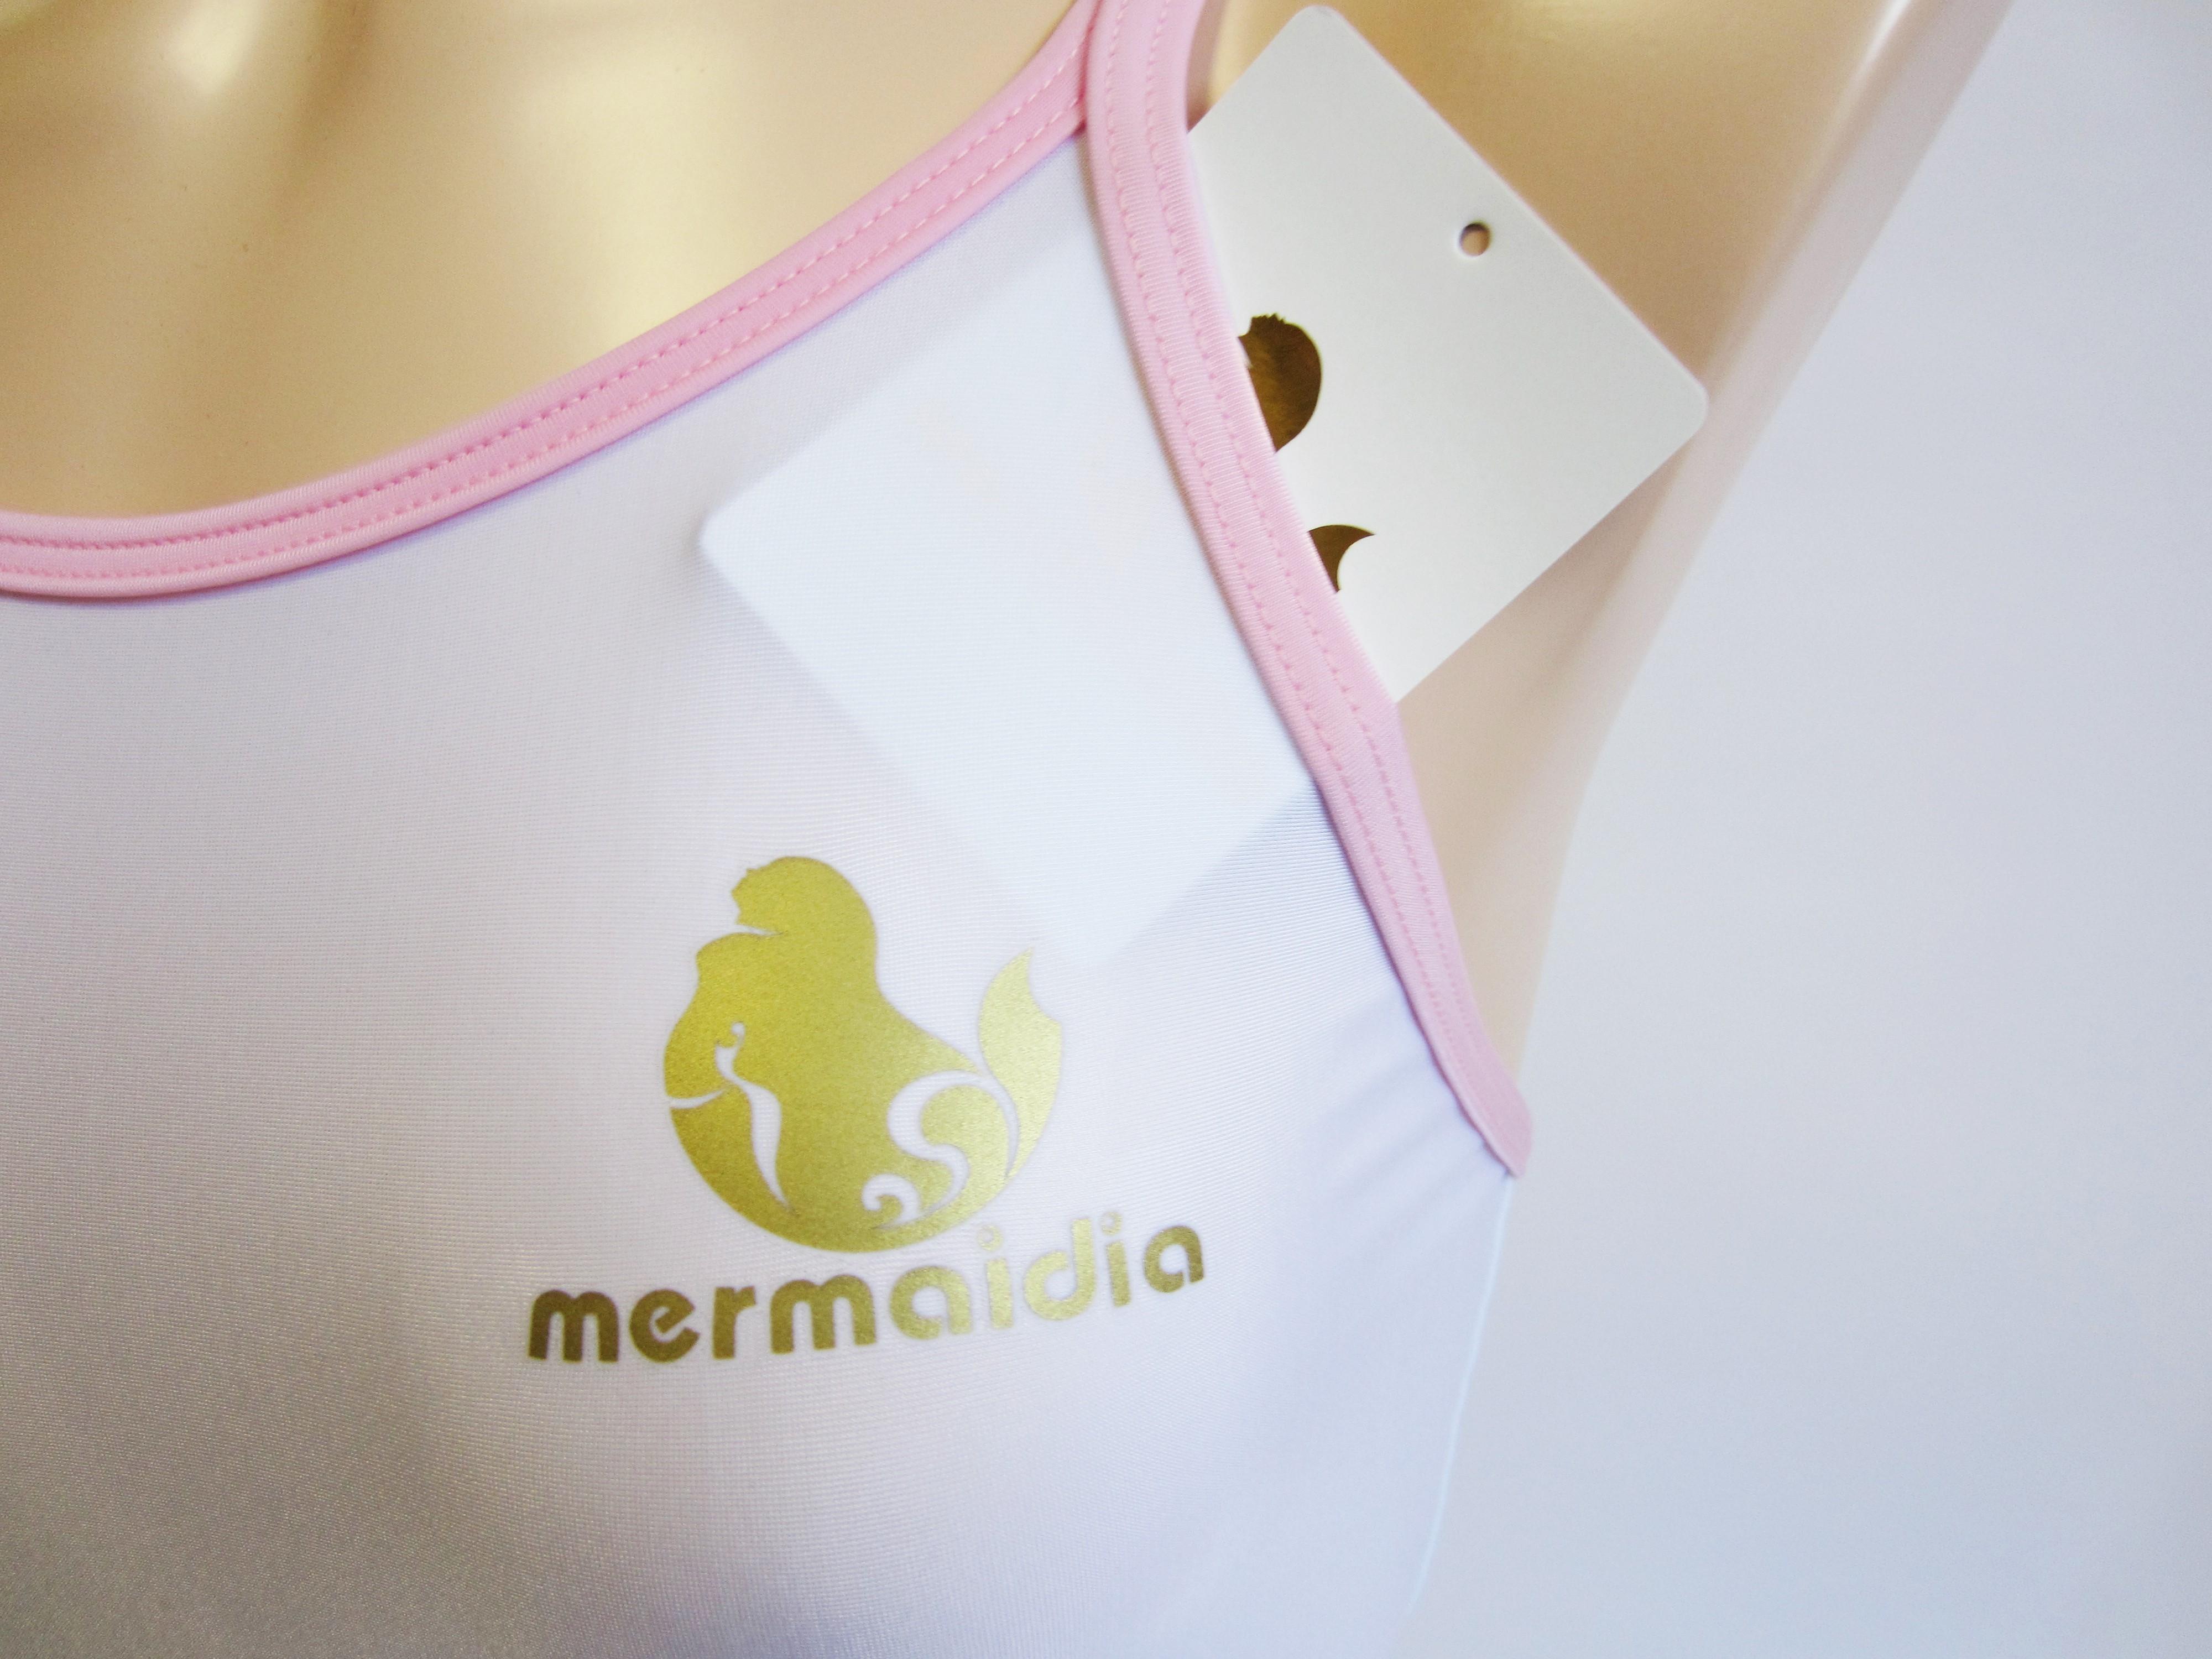 Mermaidia (マーメイディア) スクール水着 ホワイト × アイスピンク スク水